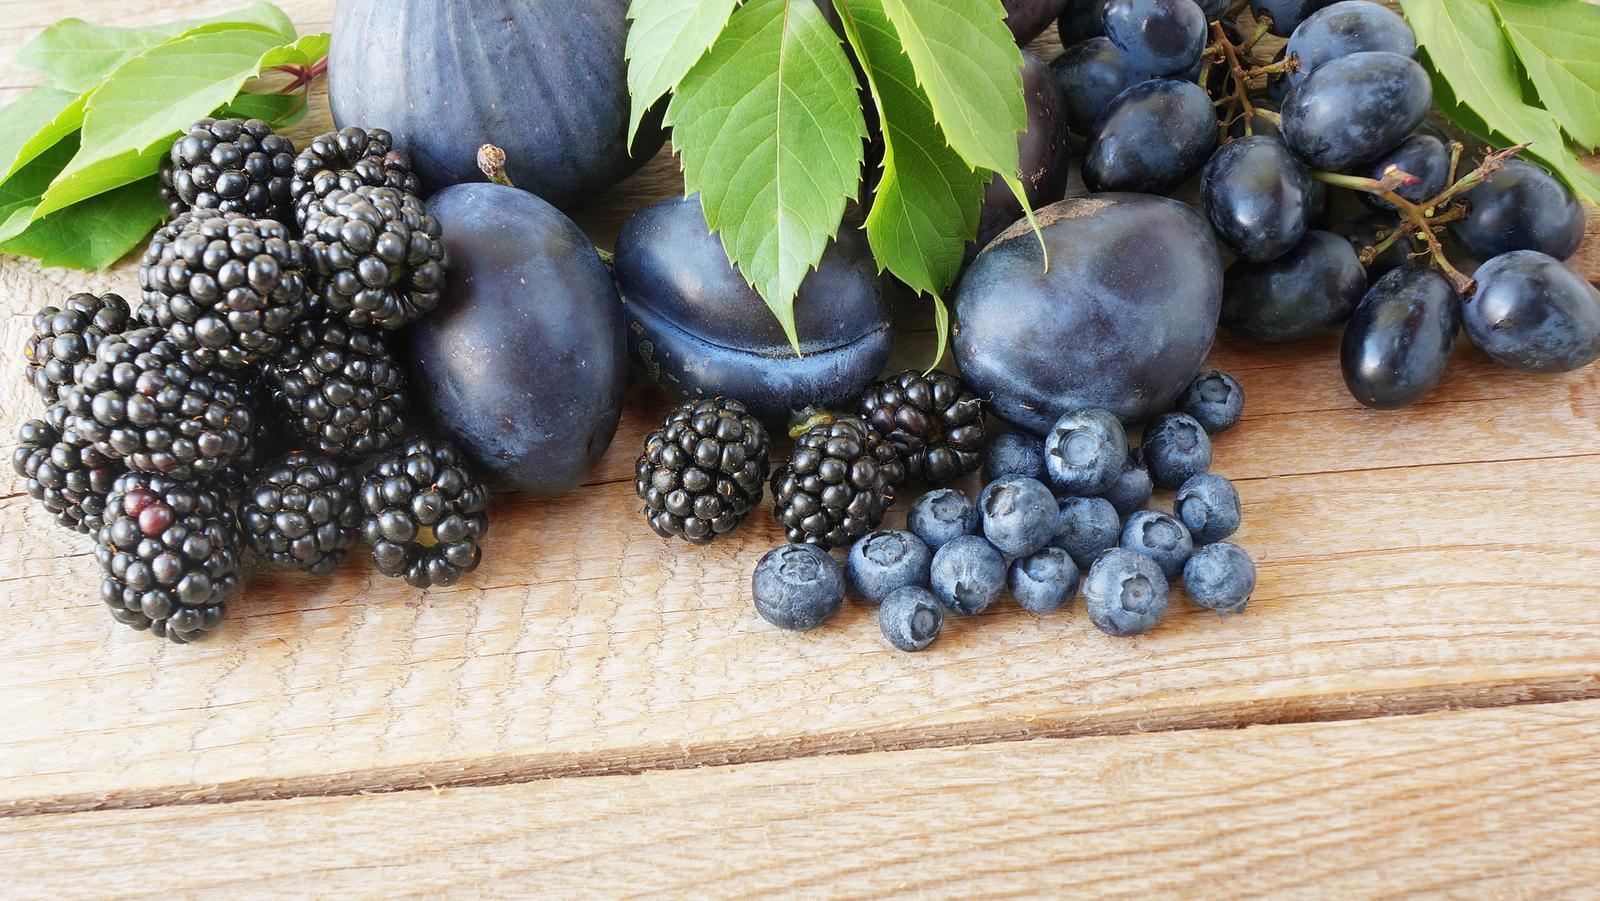 Ent tung zu Hause Herbstfrüchte helfen dabei 1